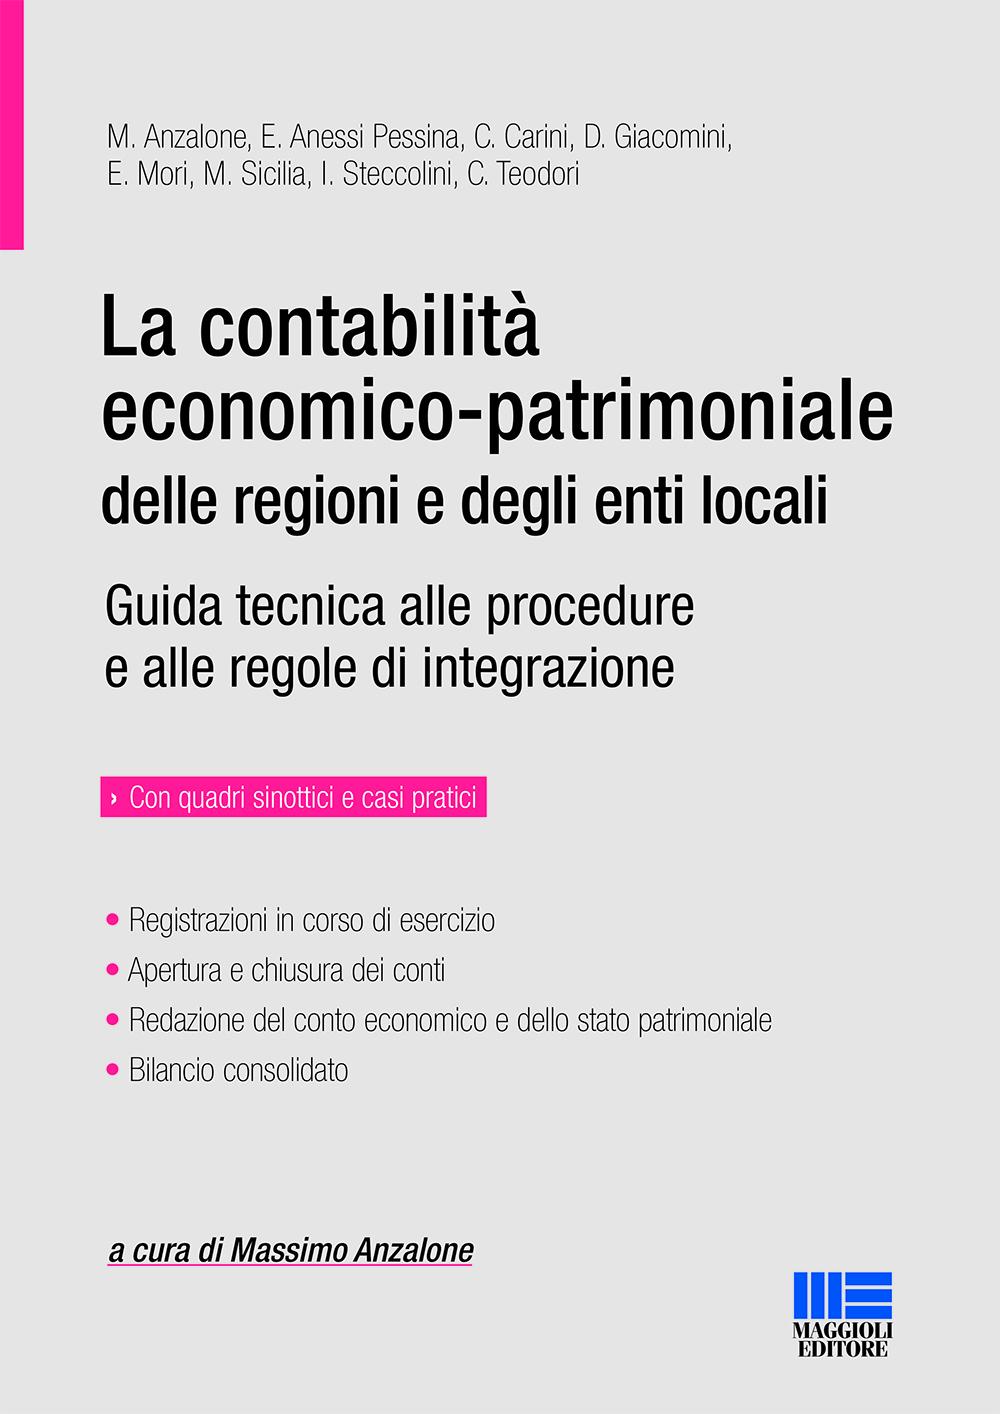 La contabilità delle regioni e degli enti locali-Libro